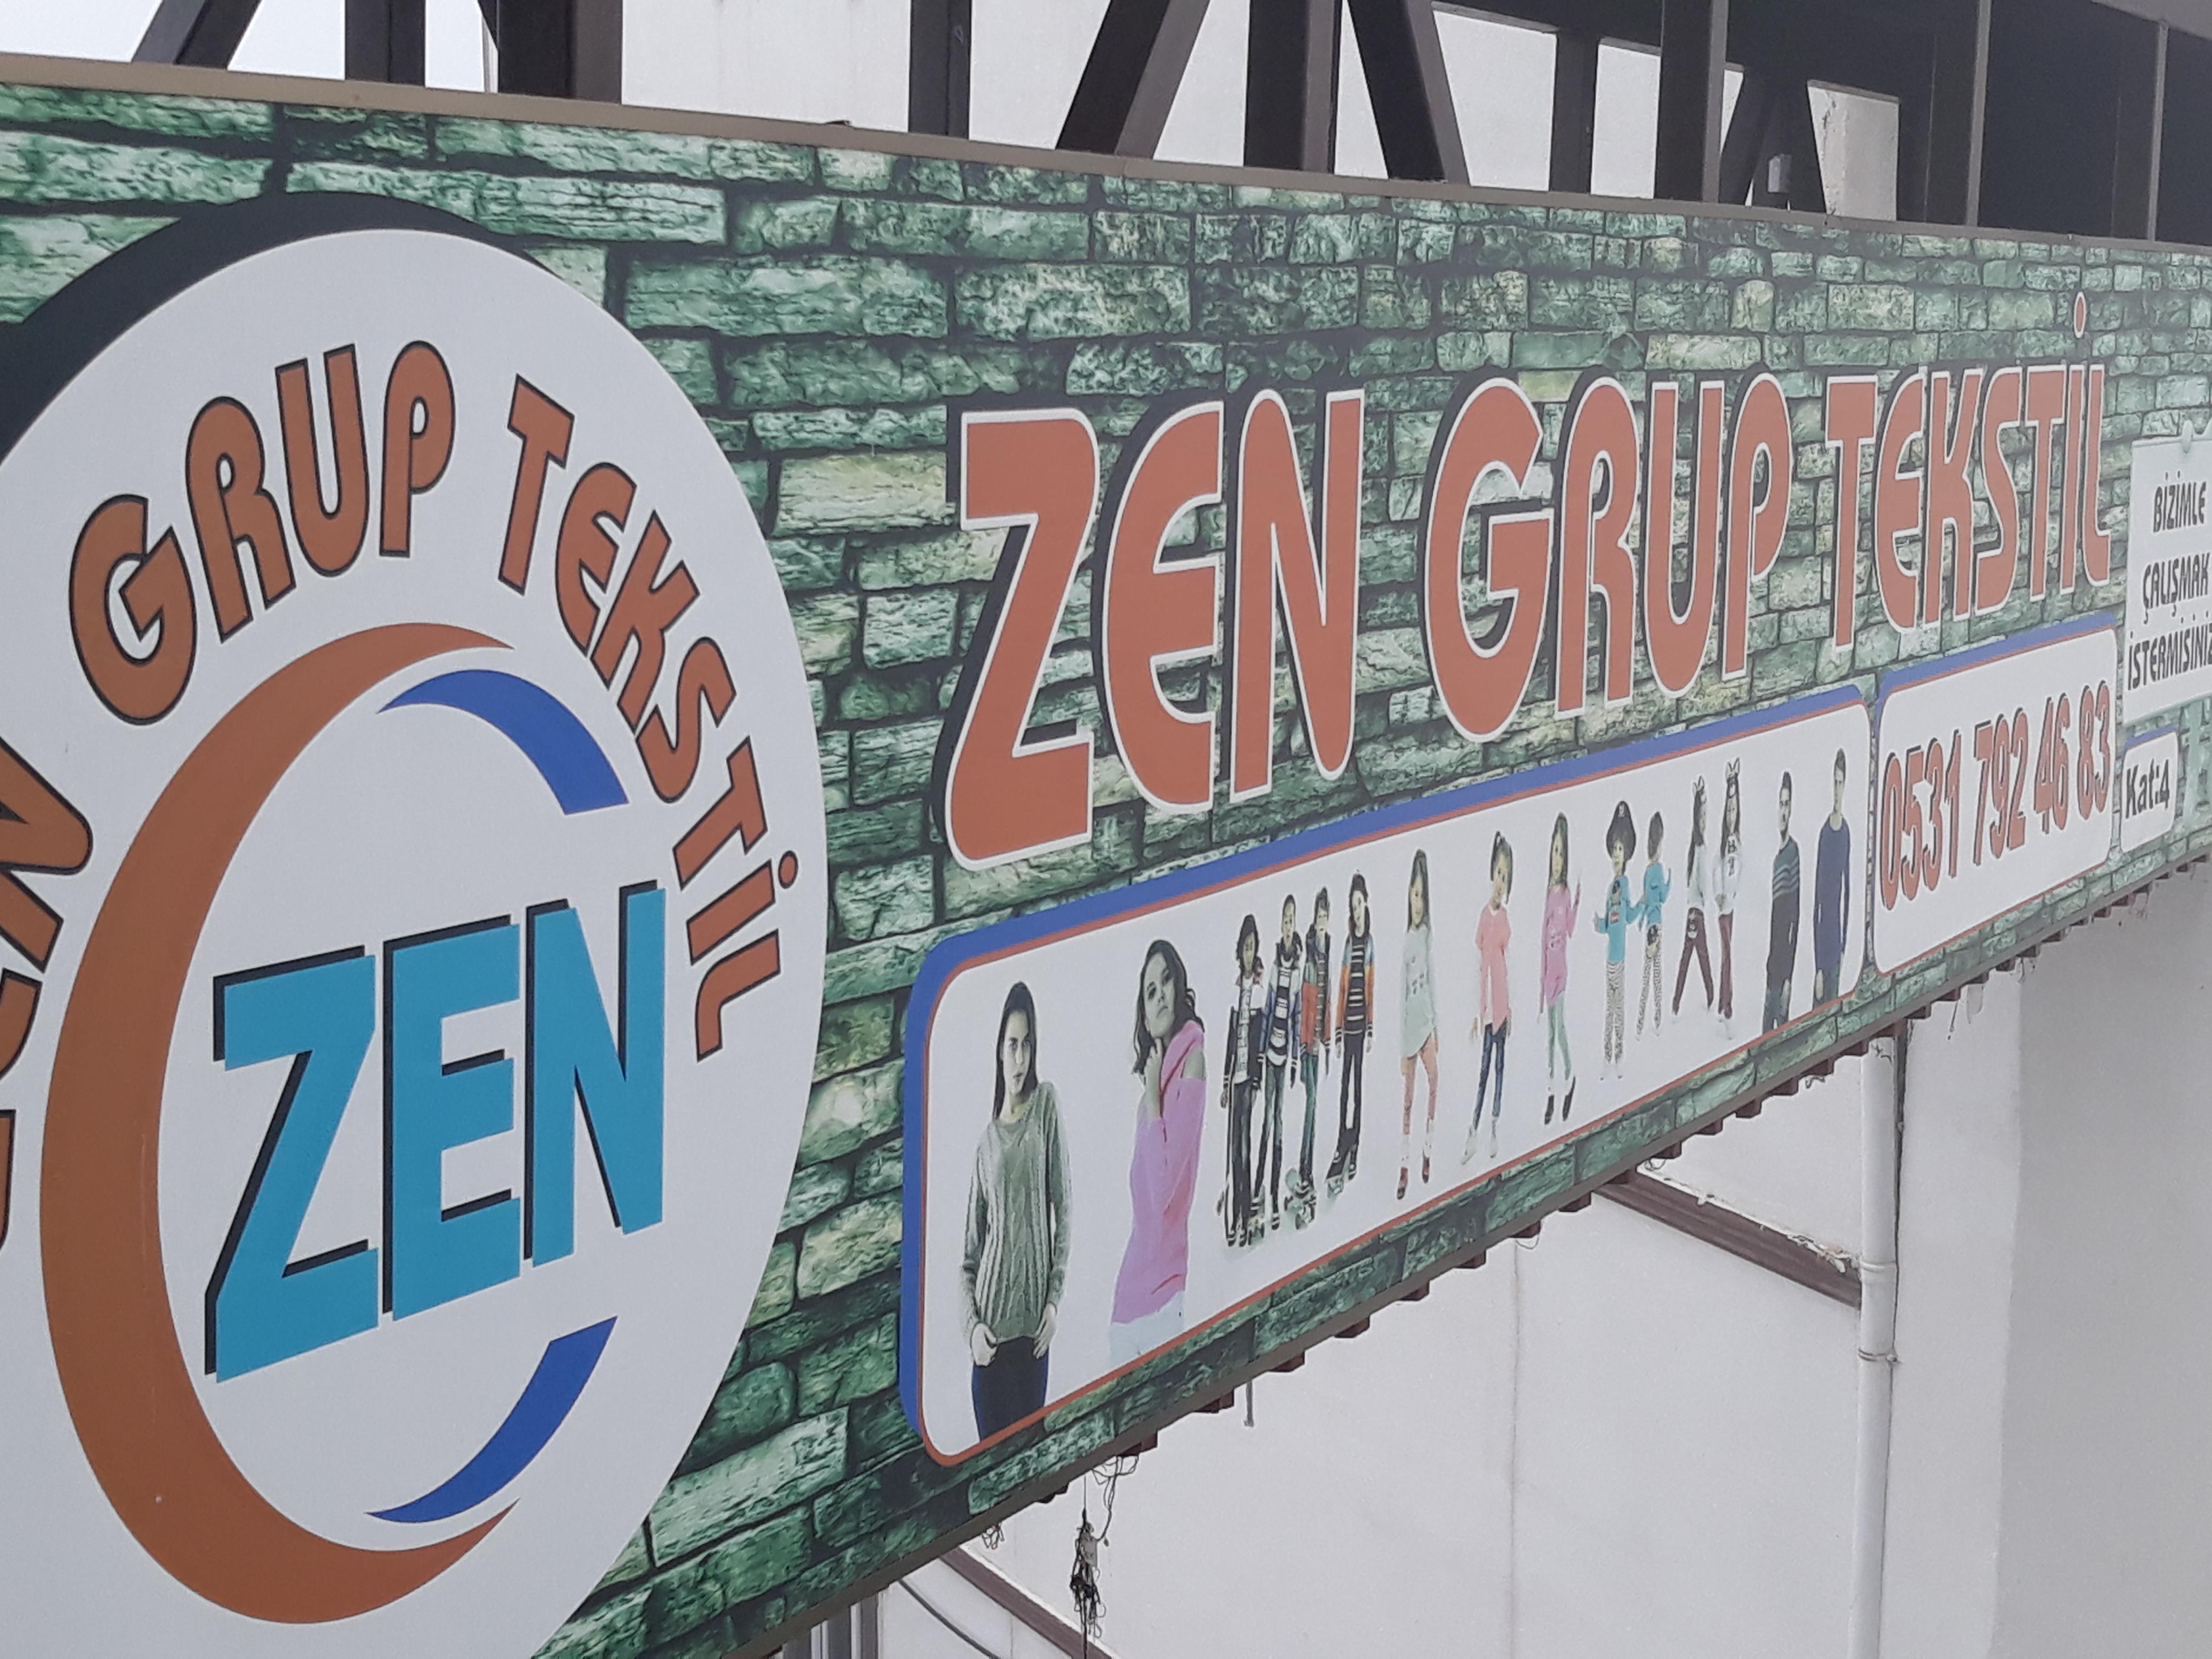 Zen Grup Tekstil